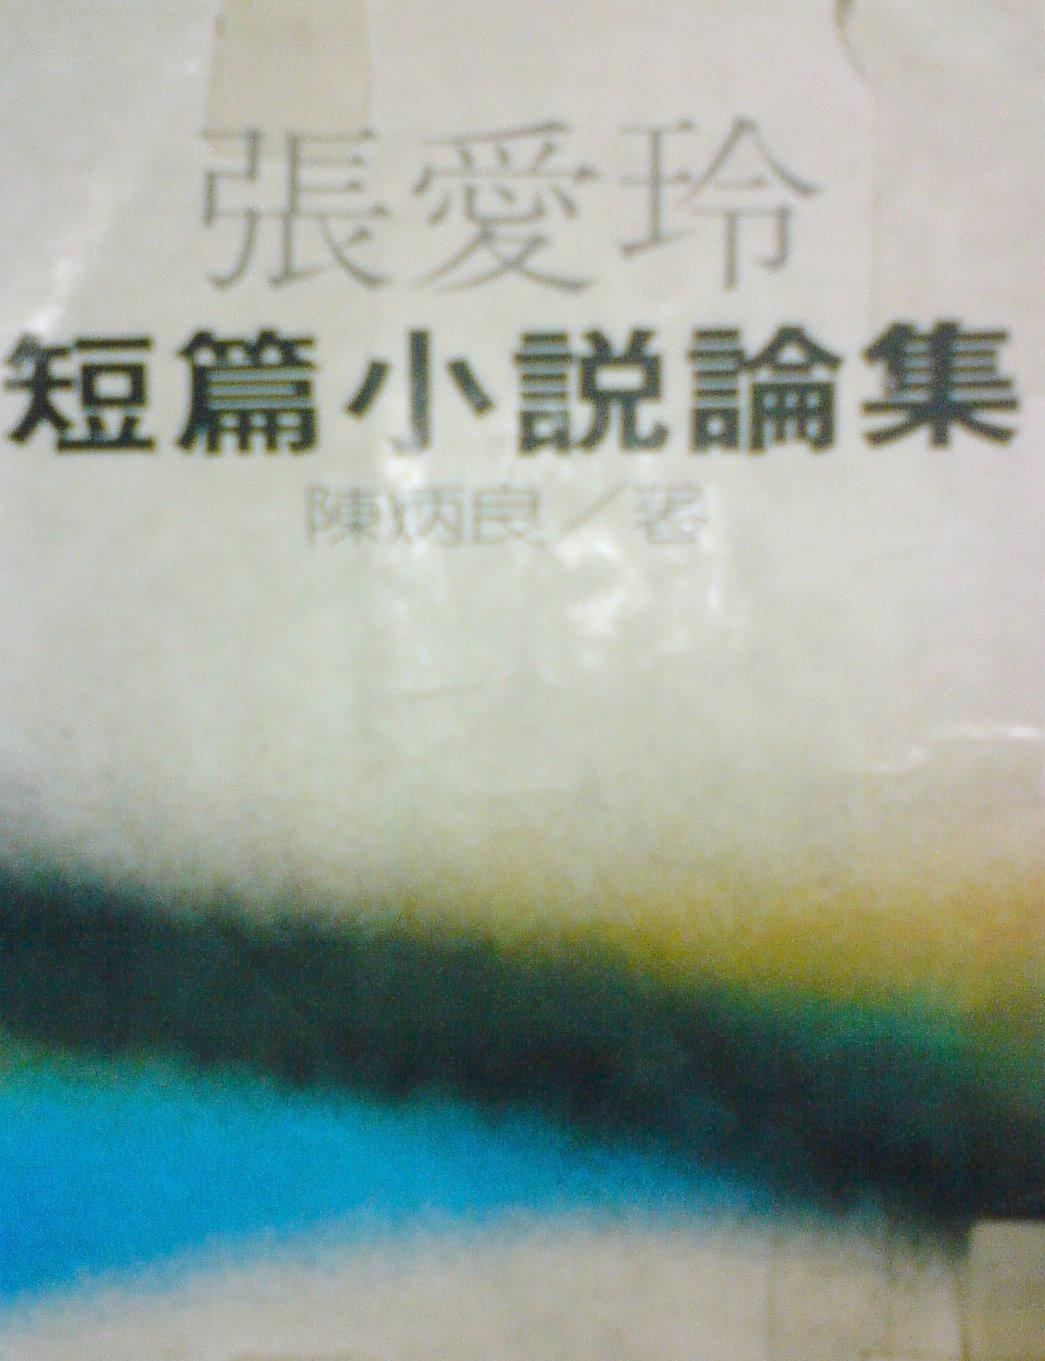 張愛玲短篇小說論集